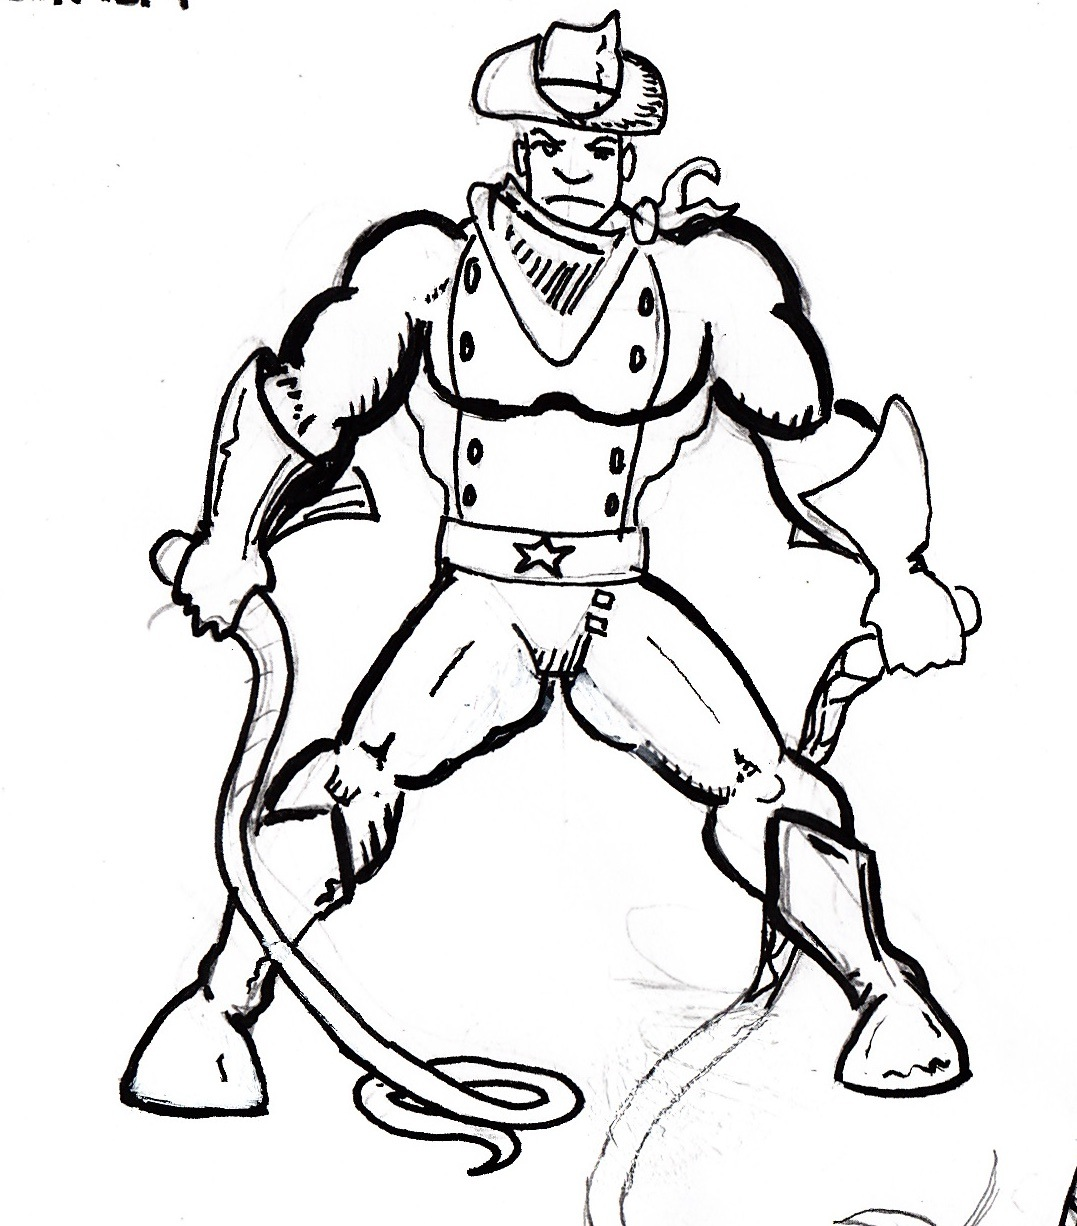 Redneck Drawings